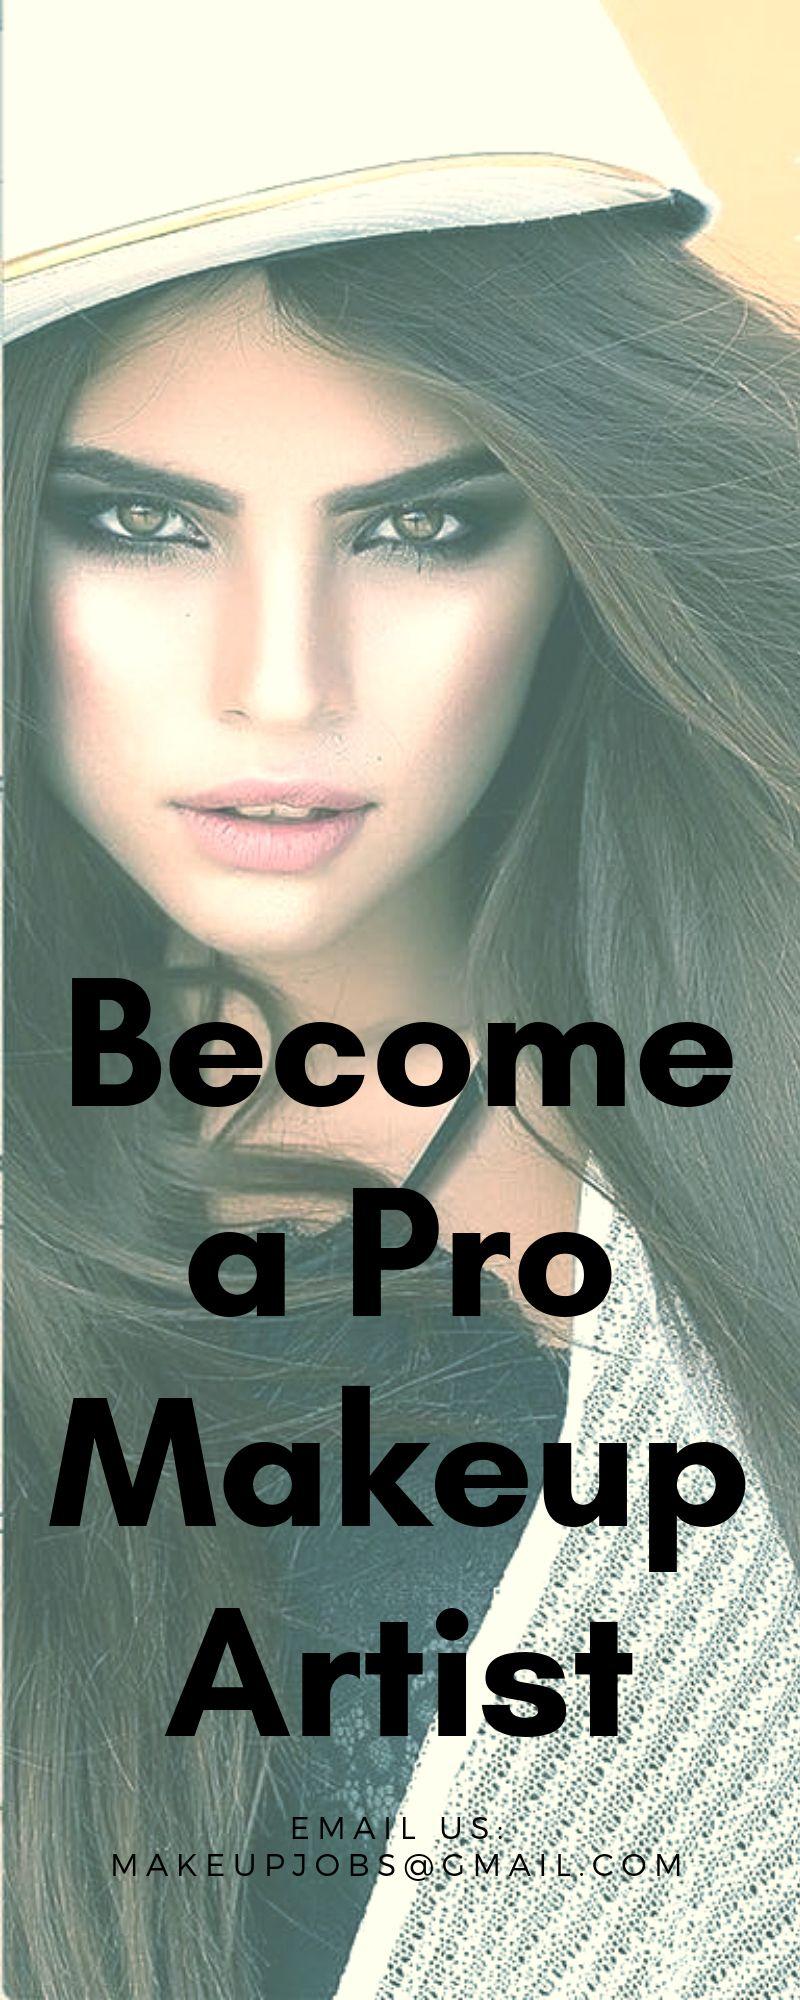 How to a make artist Makeup artist certification